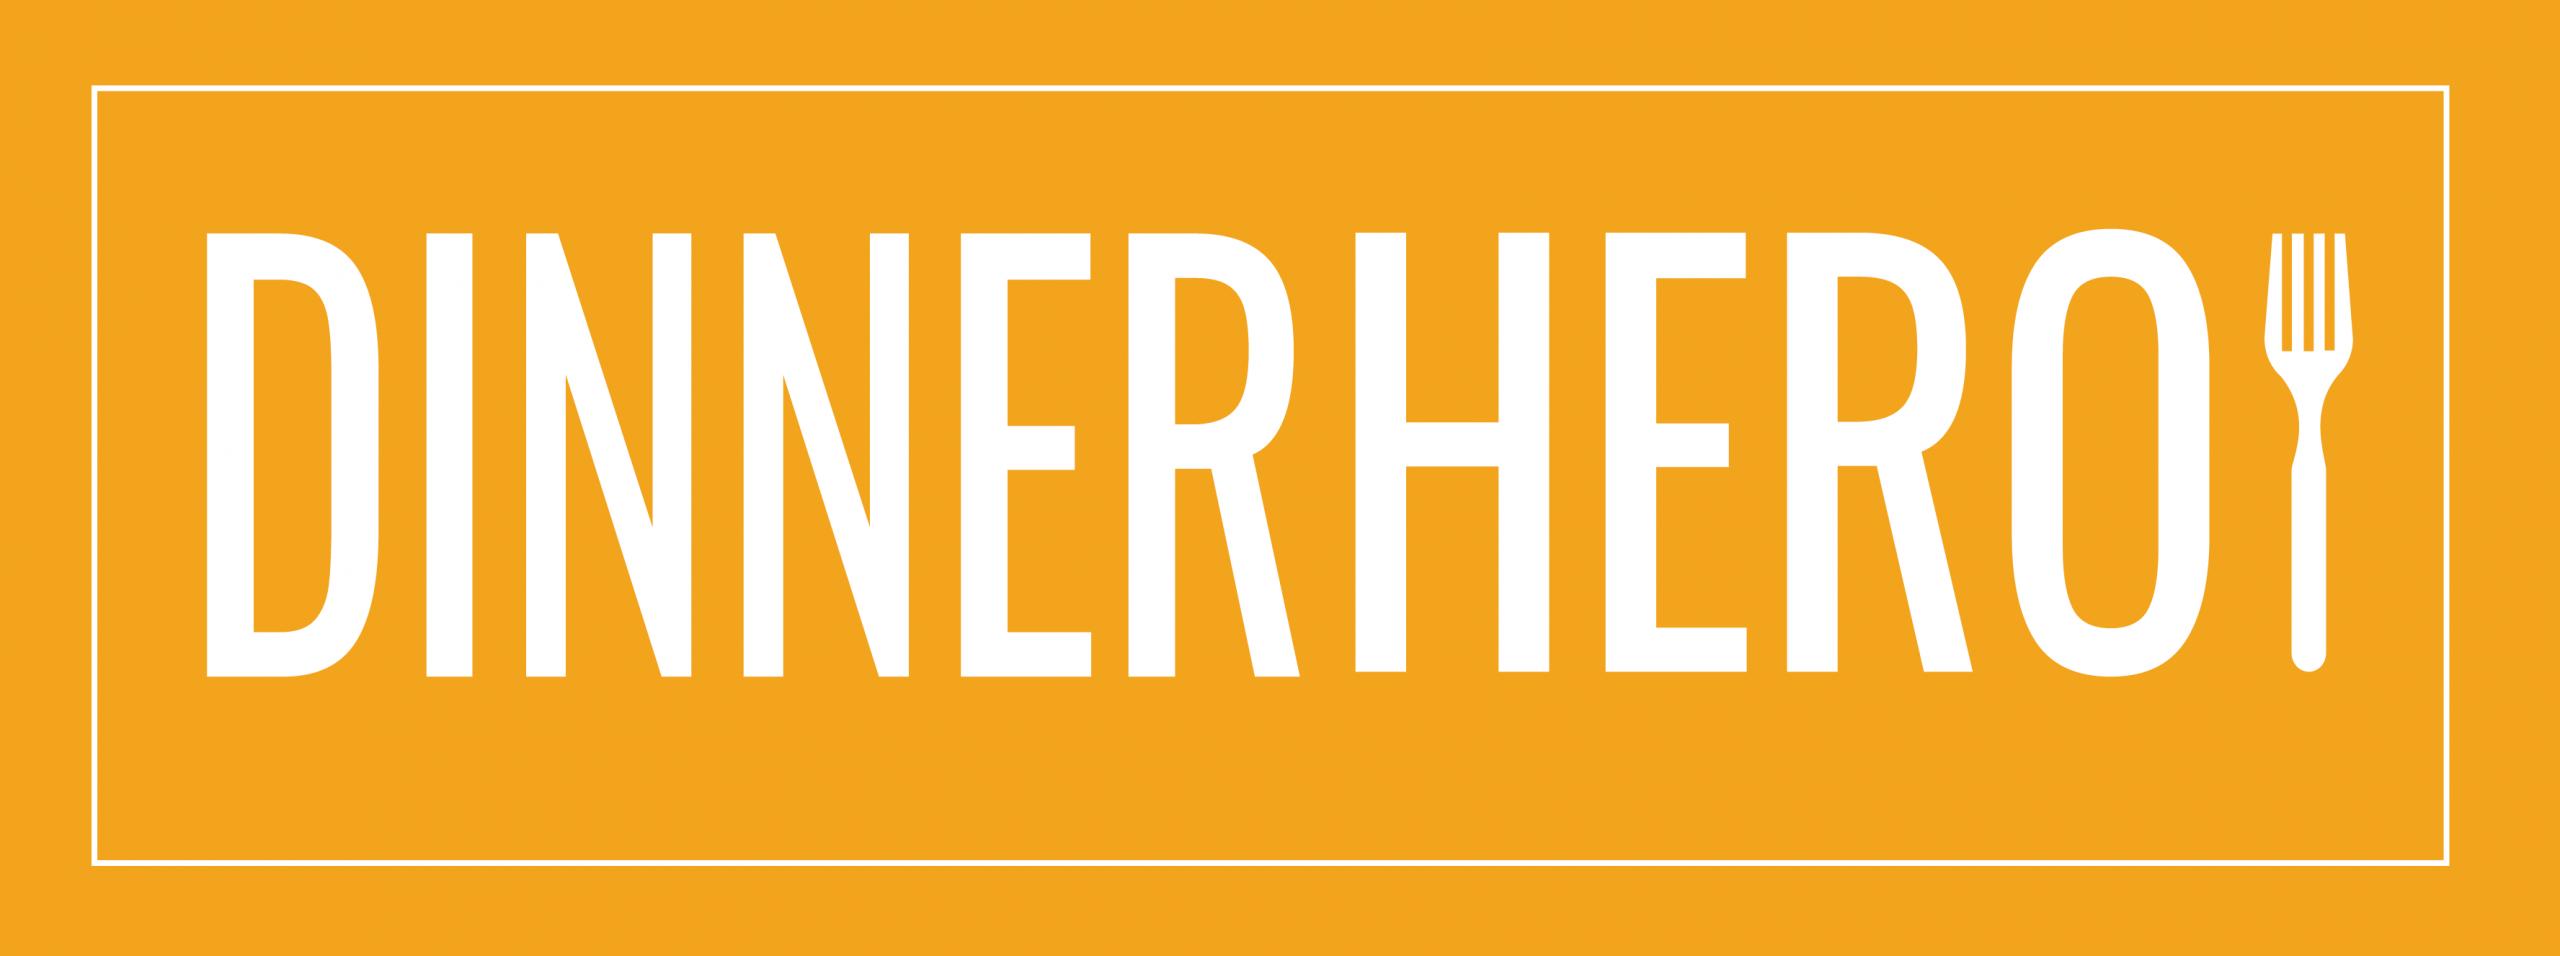 dinner hero logo final rectangle orange